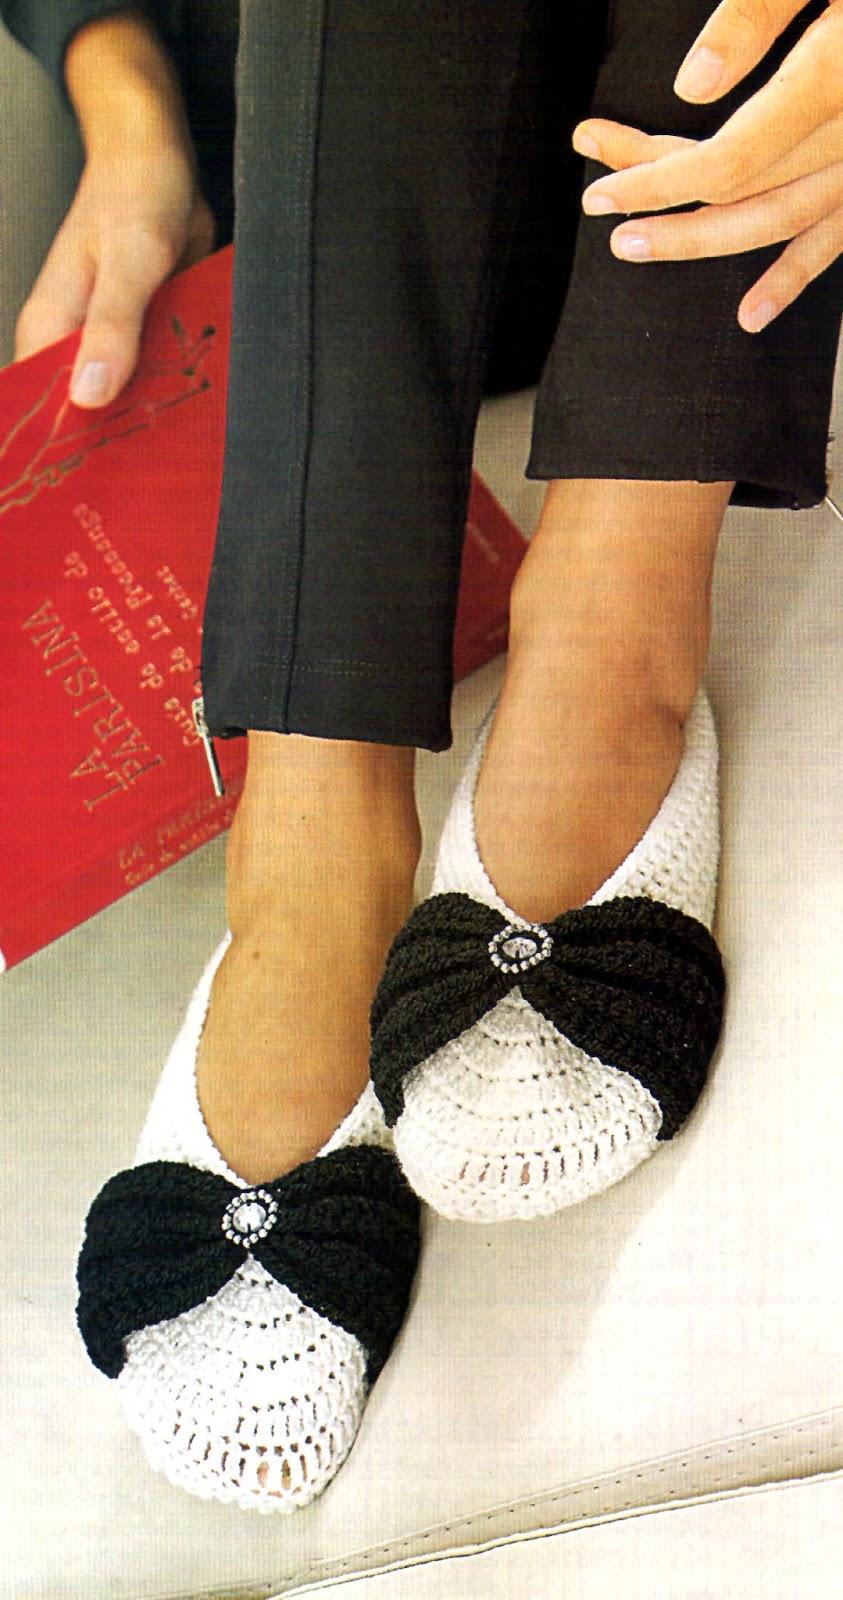 zapato tejido en crohet con moño